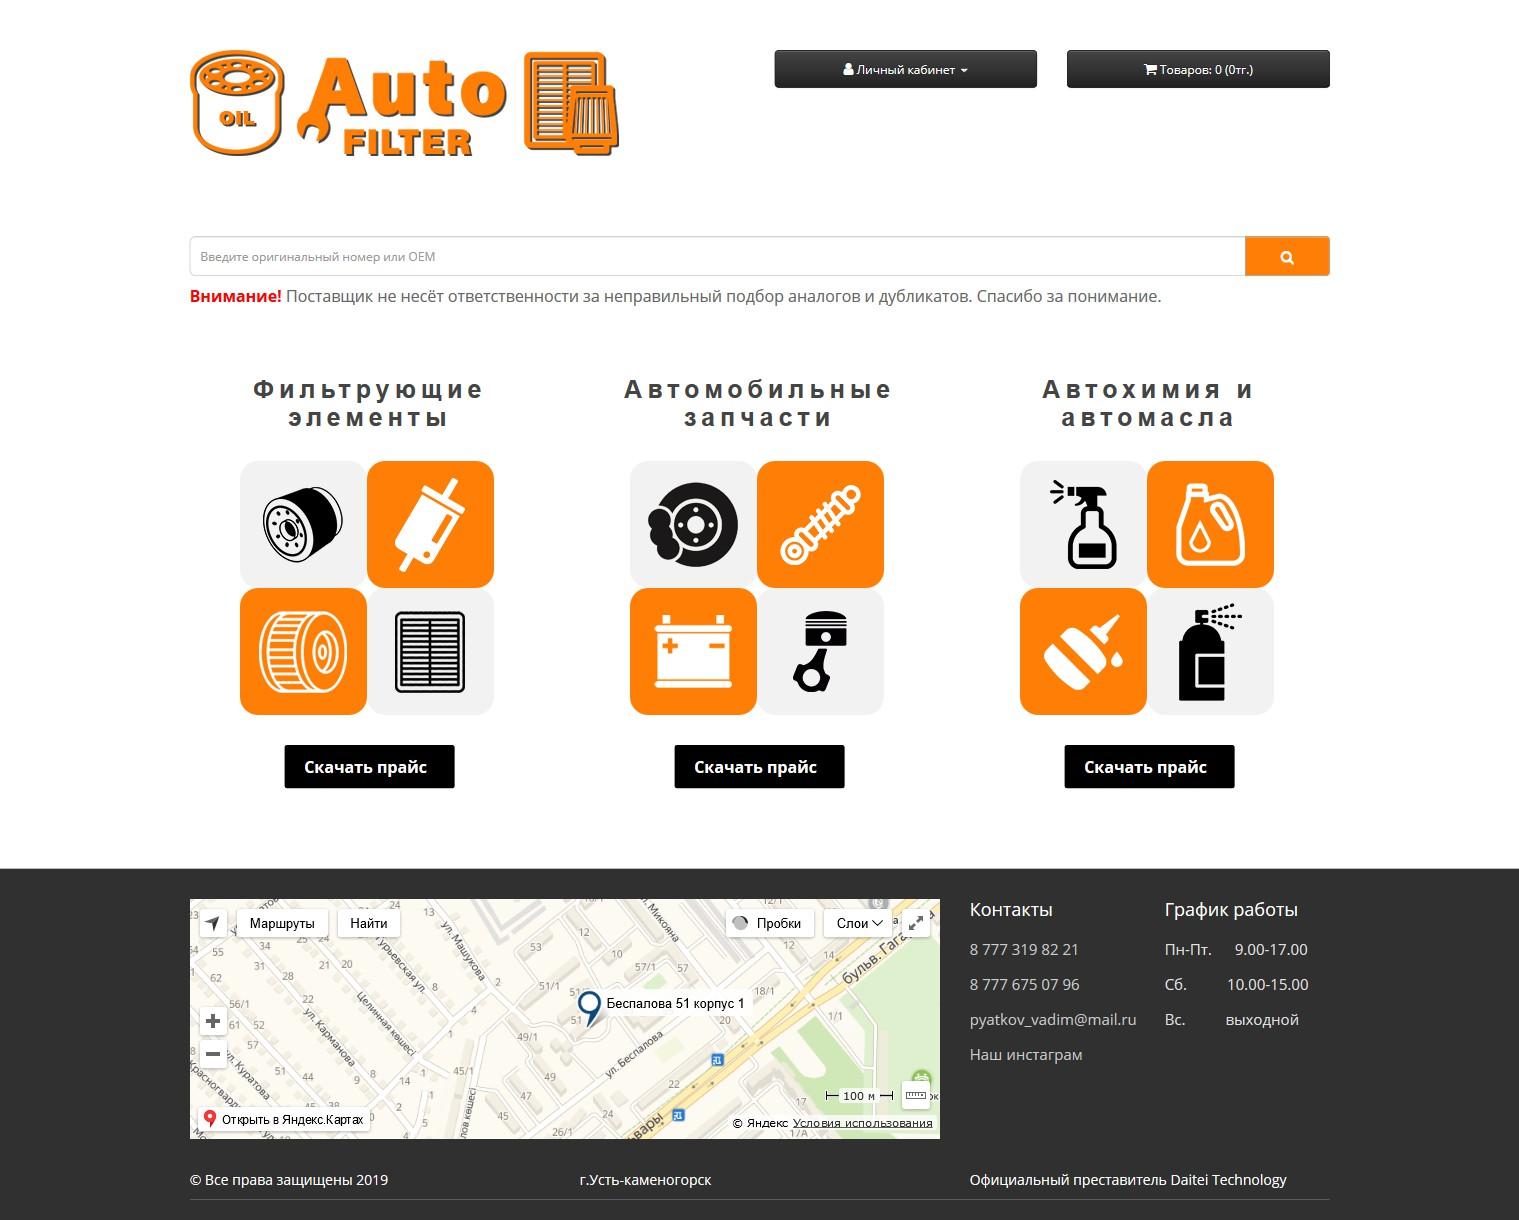 AutoFilter